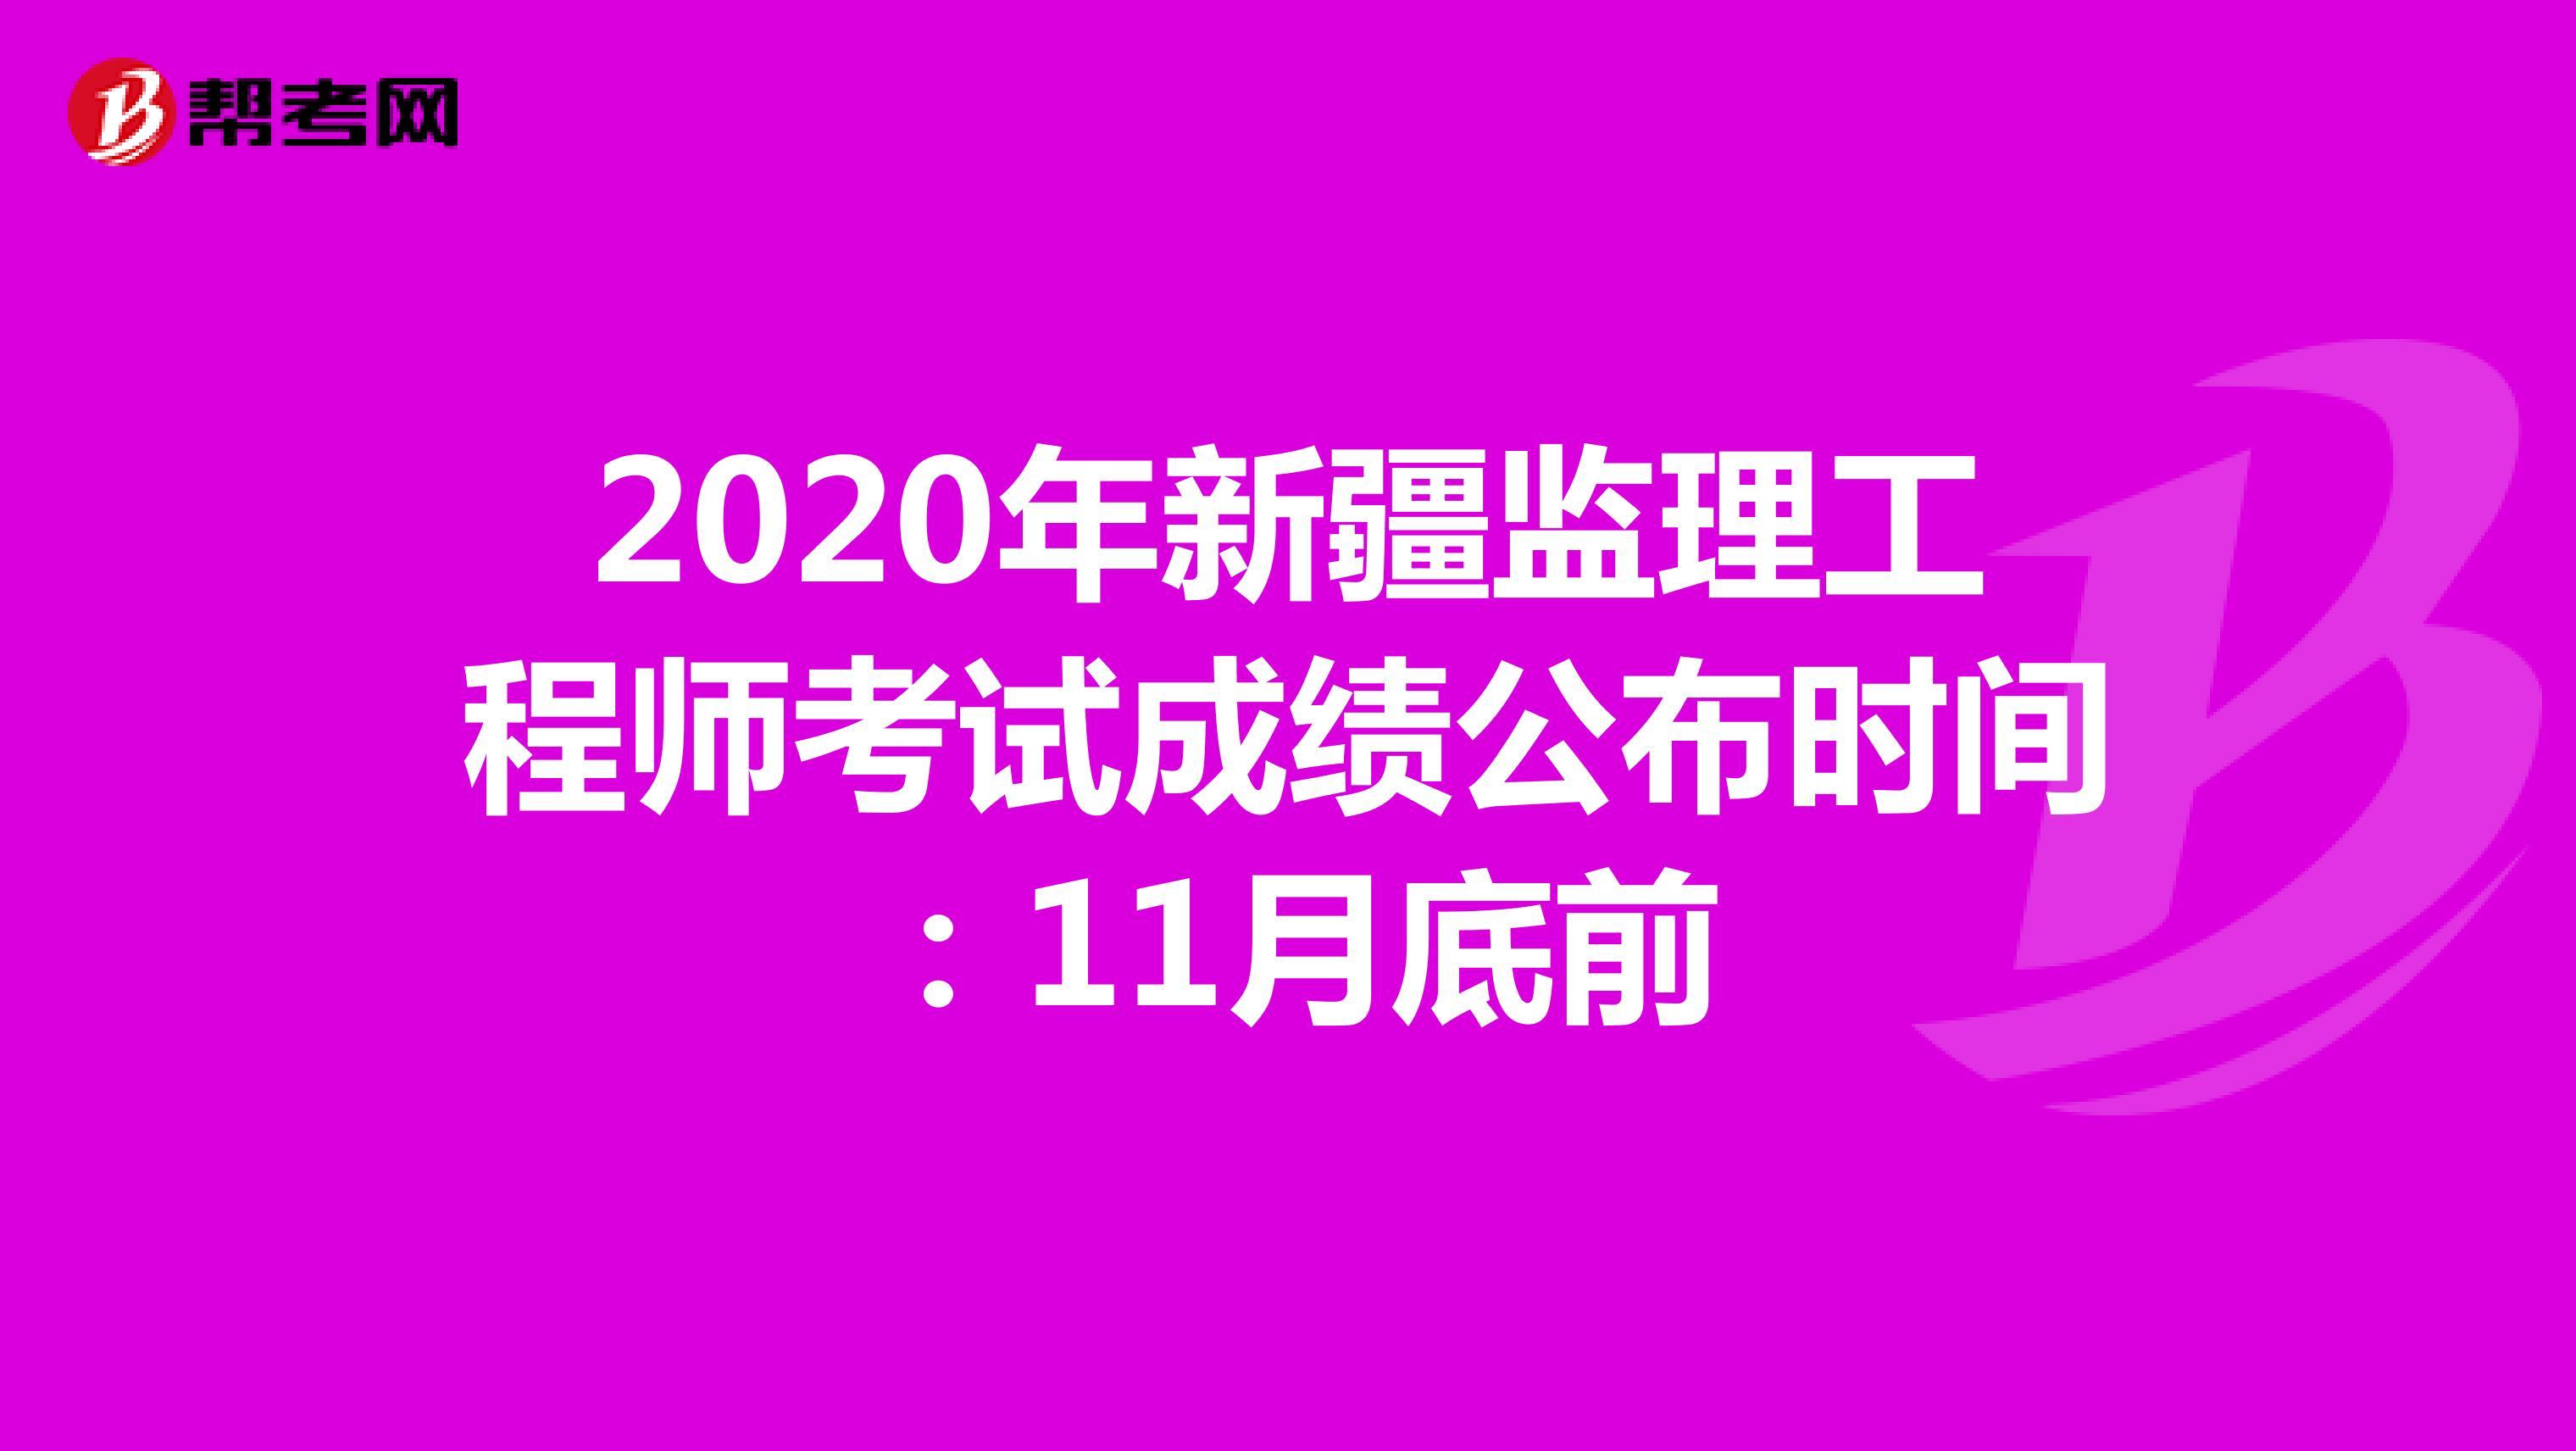 2020年新疆监理工程师考试成绩公布时间:11月底前